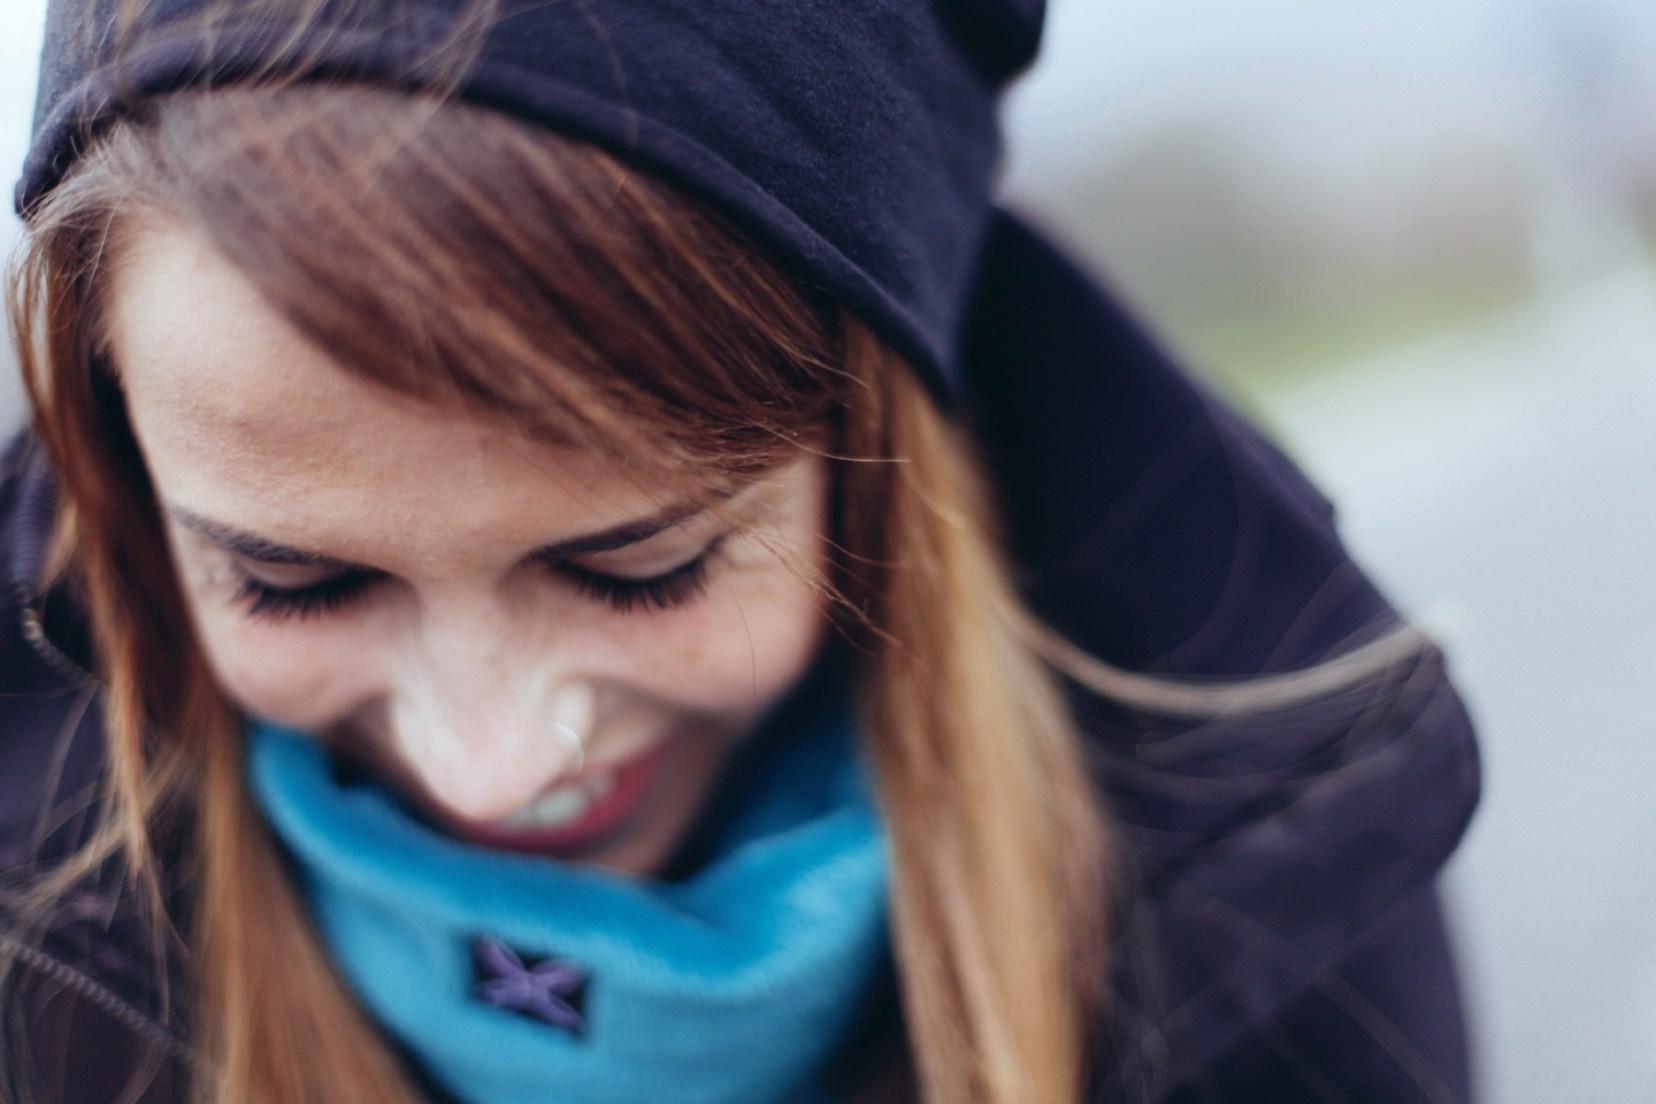 笑顔の効果、知ってる?美容液より10倍綺麗になれる、3つの驚きの理由